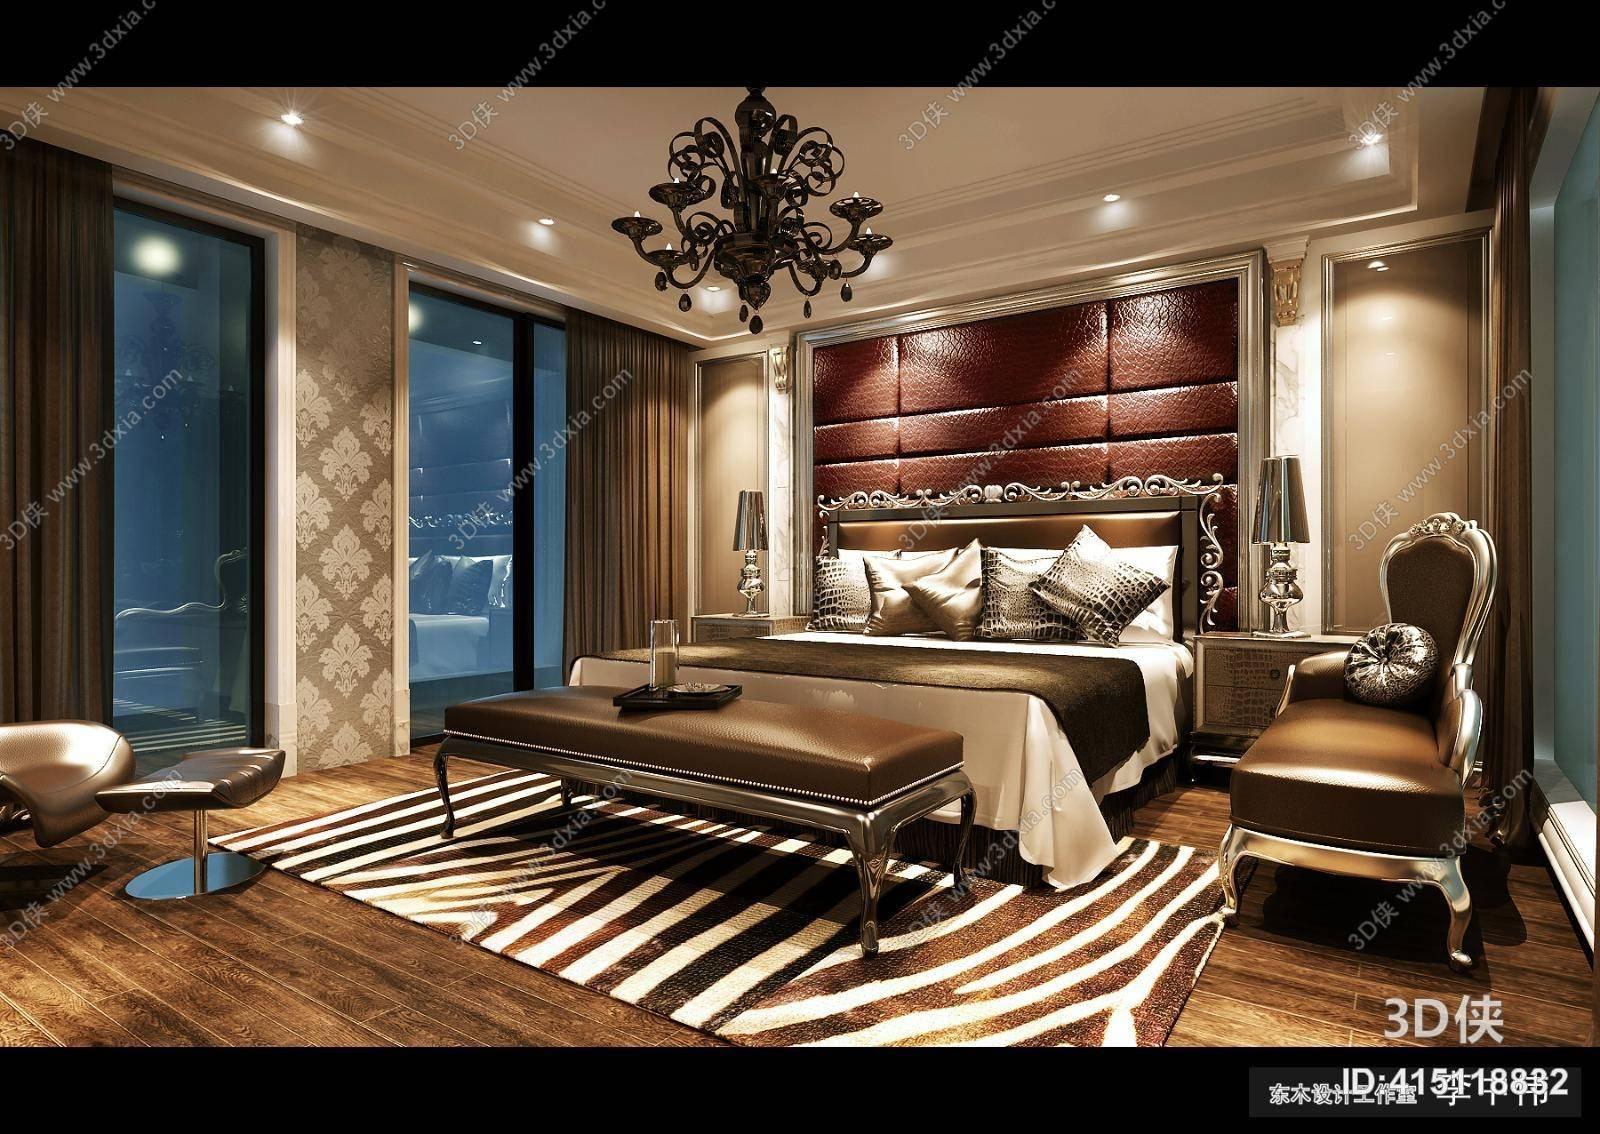 经典欧式家居卧室 经典欧式黑色铜艺吊灯 经典欧式棕色长方形贵妃椅